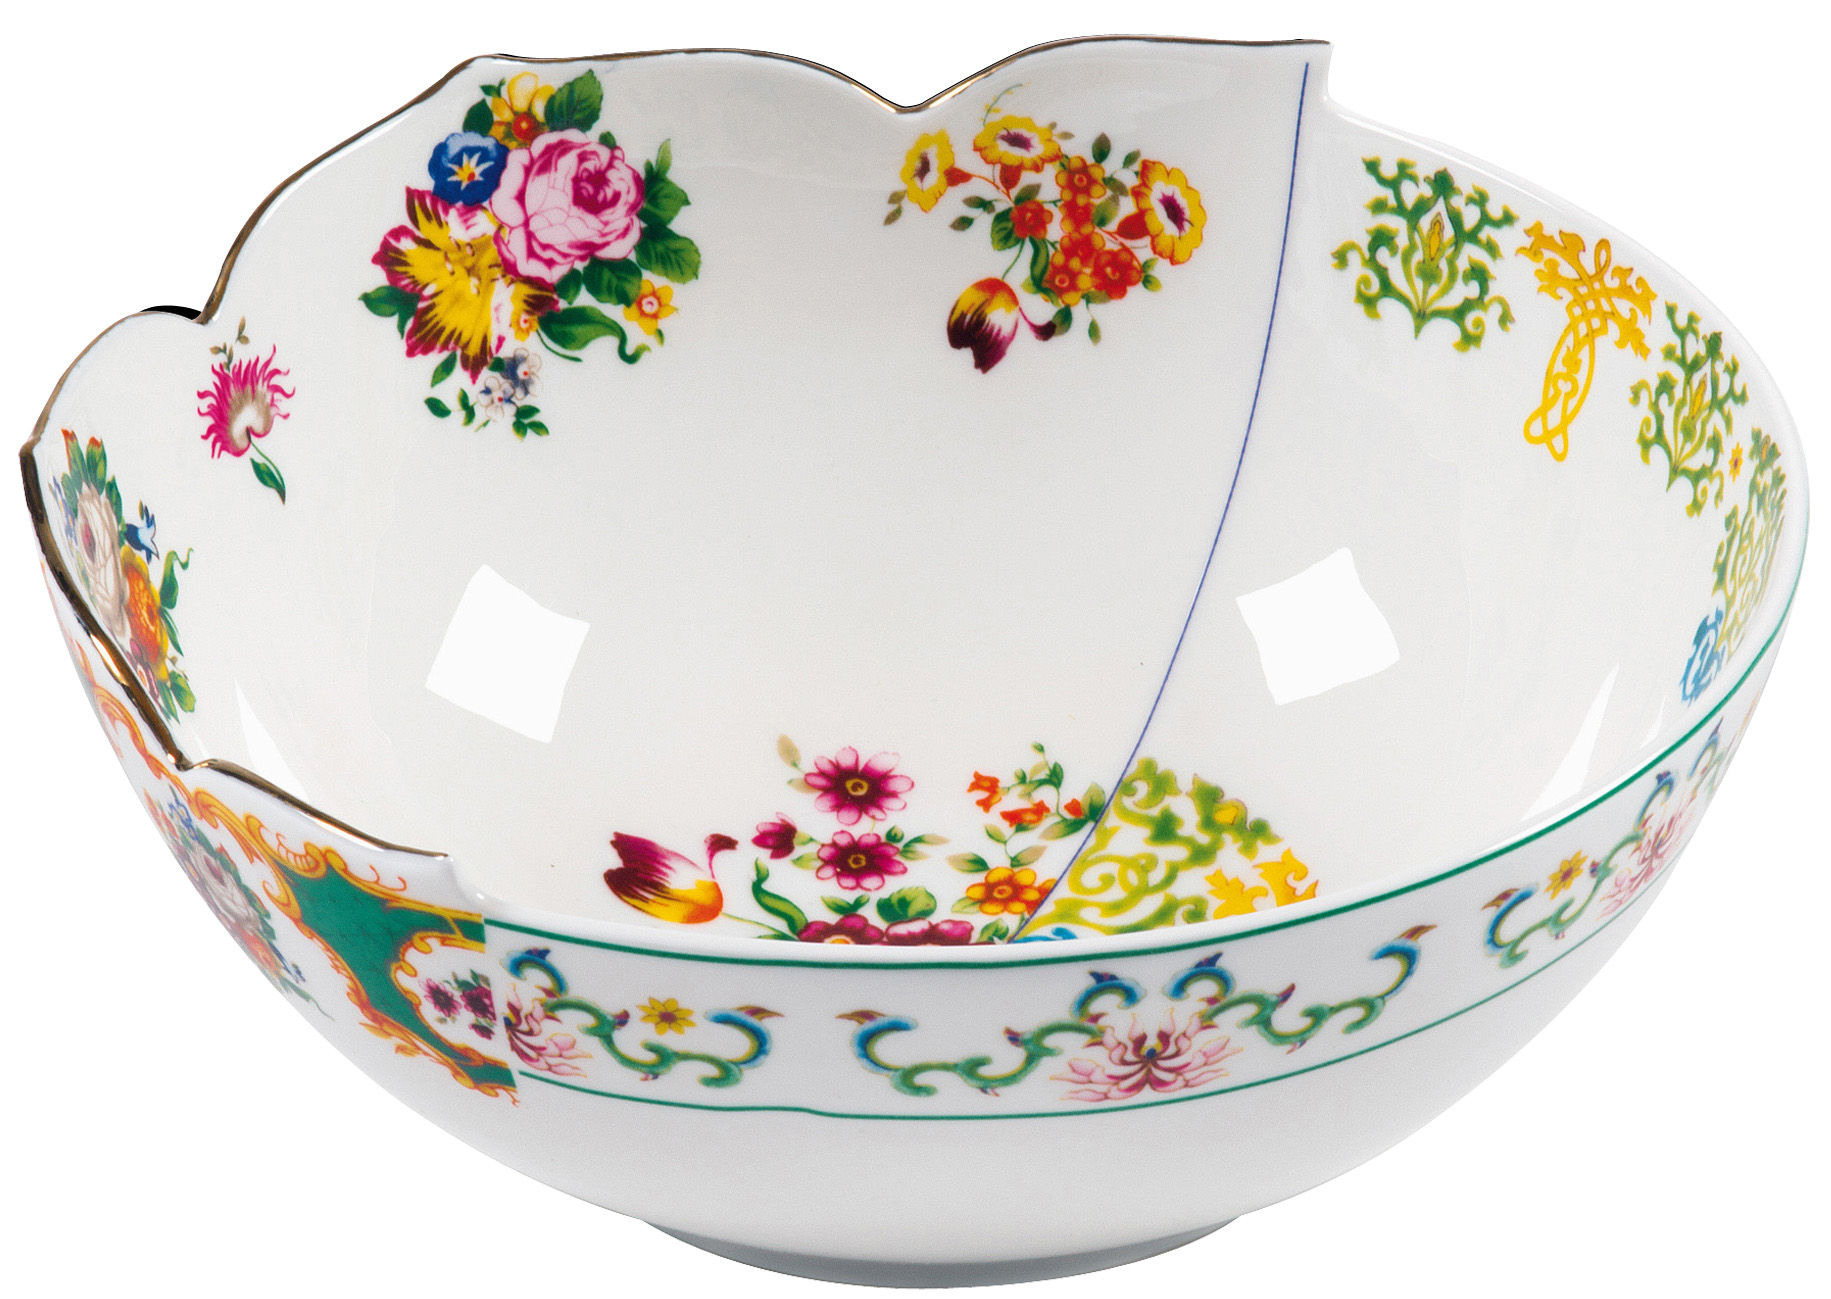 Tischkultur - Salatschüsseln und Schalen - Hybrid - Zaira Salatschüssel Ø 22,5 cm - Seletti - Zaira - Ø 22,5 cm - Porzellan